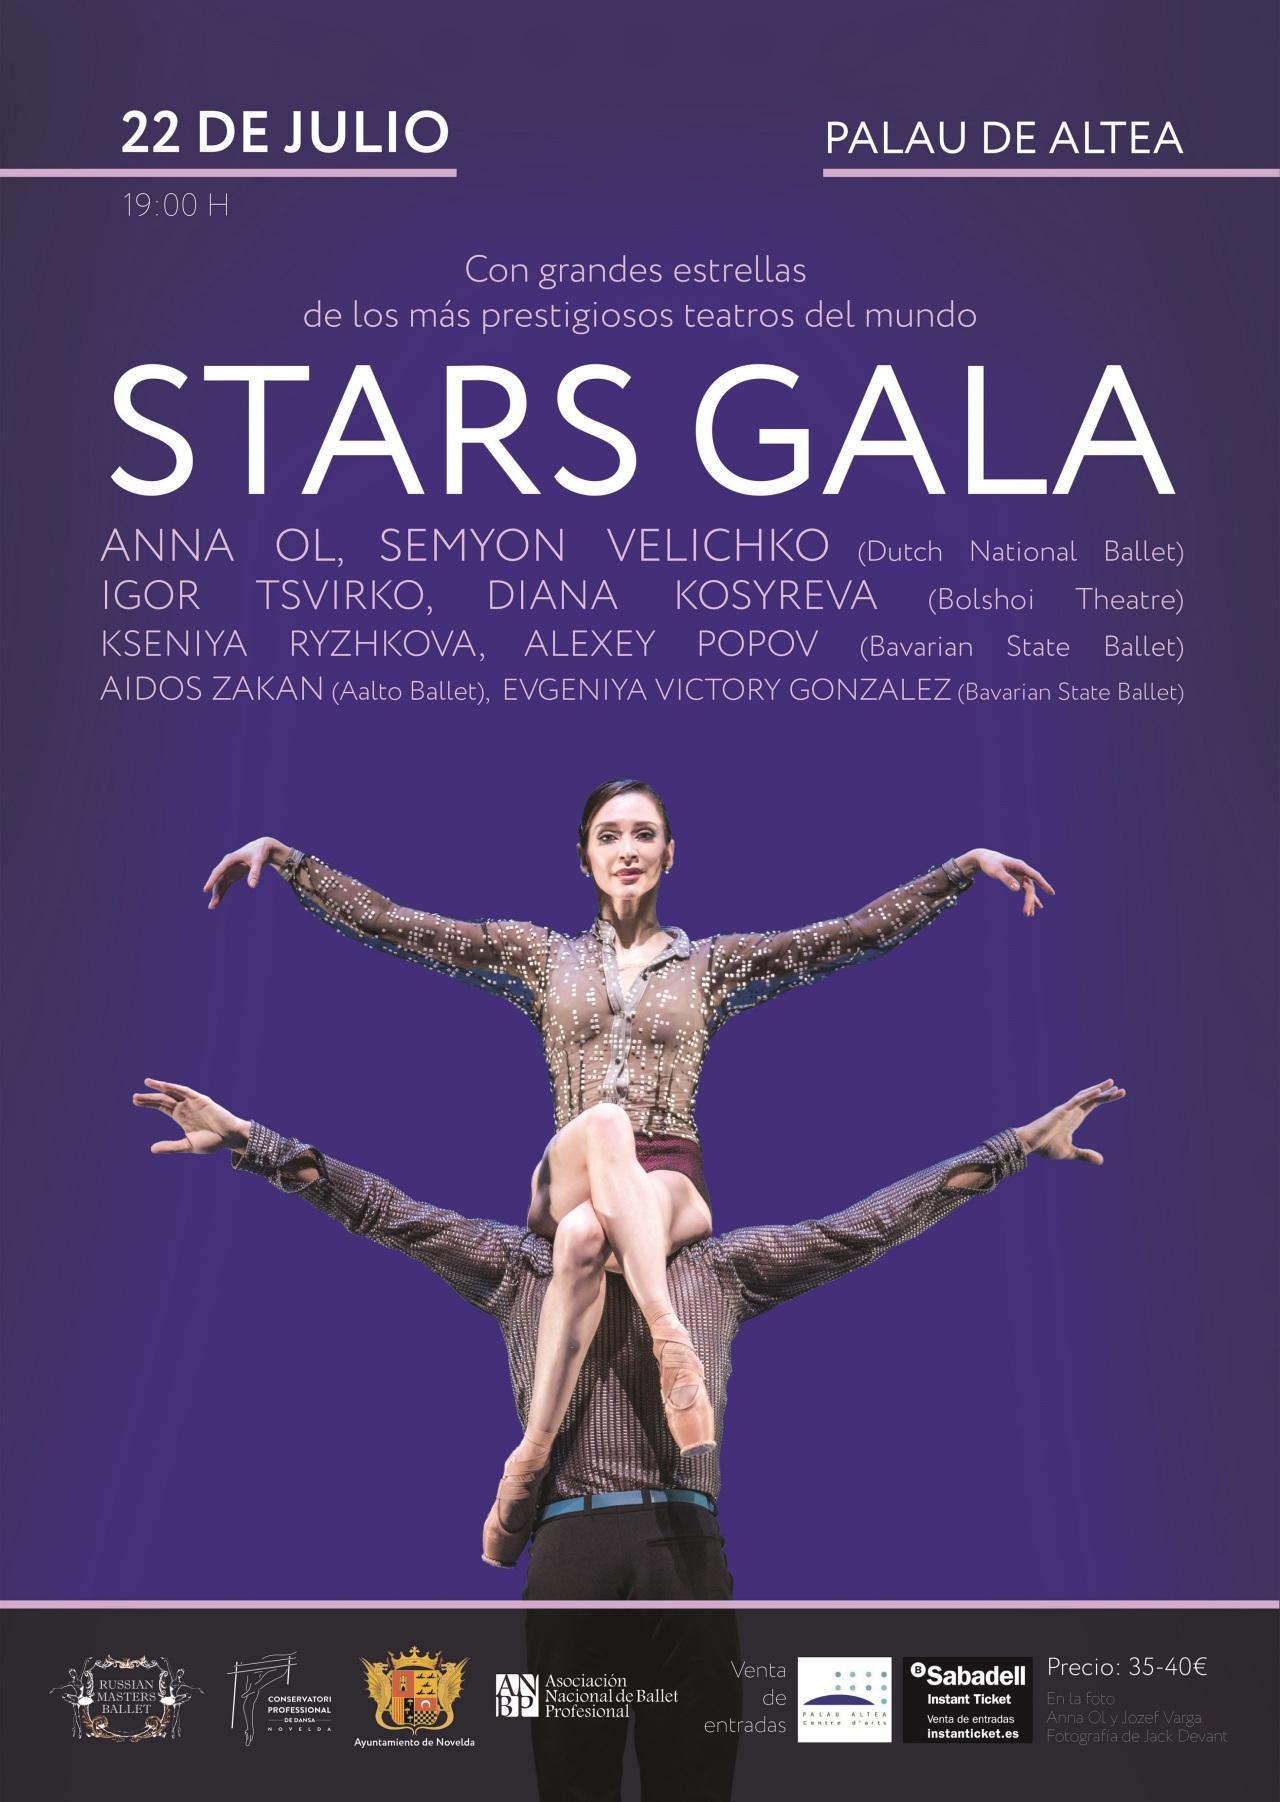 STARS GALA del ballet ruso este 22 de julio 19h en el Palau de Altea enAlicante